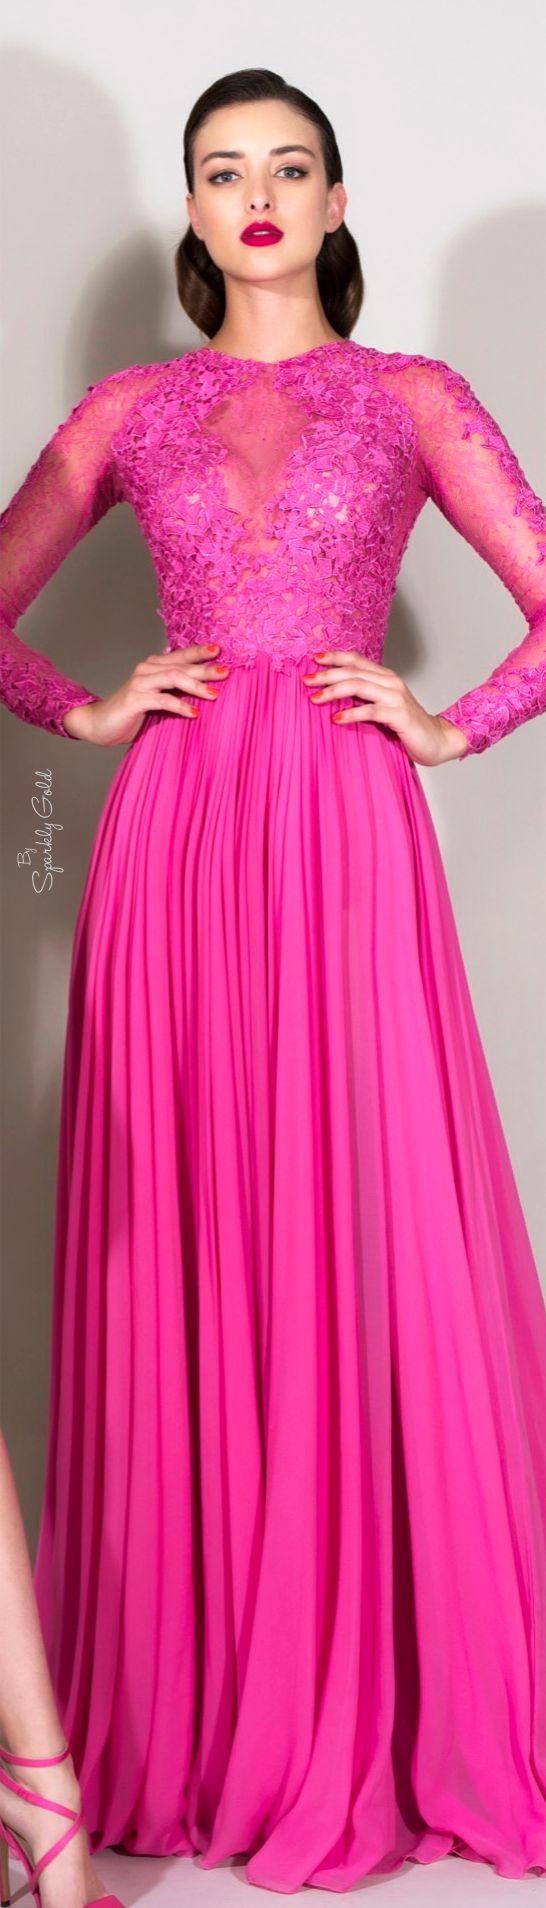 La falda asi de caida no | vestidos circulares | Pinterest ...